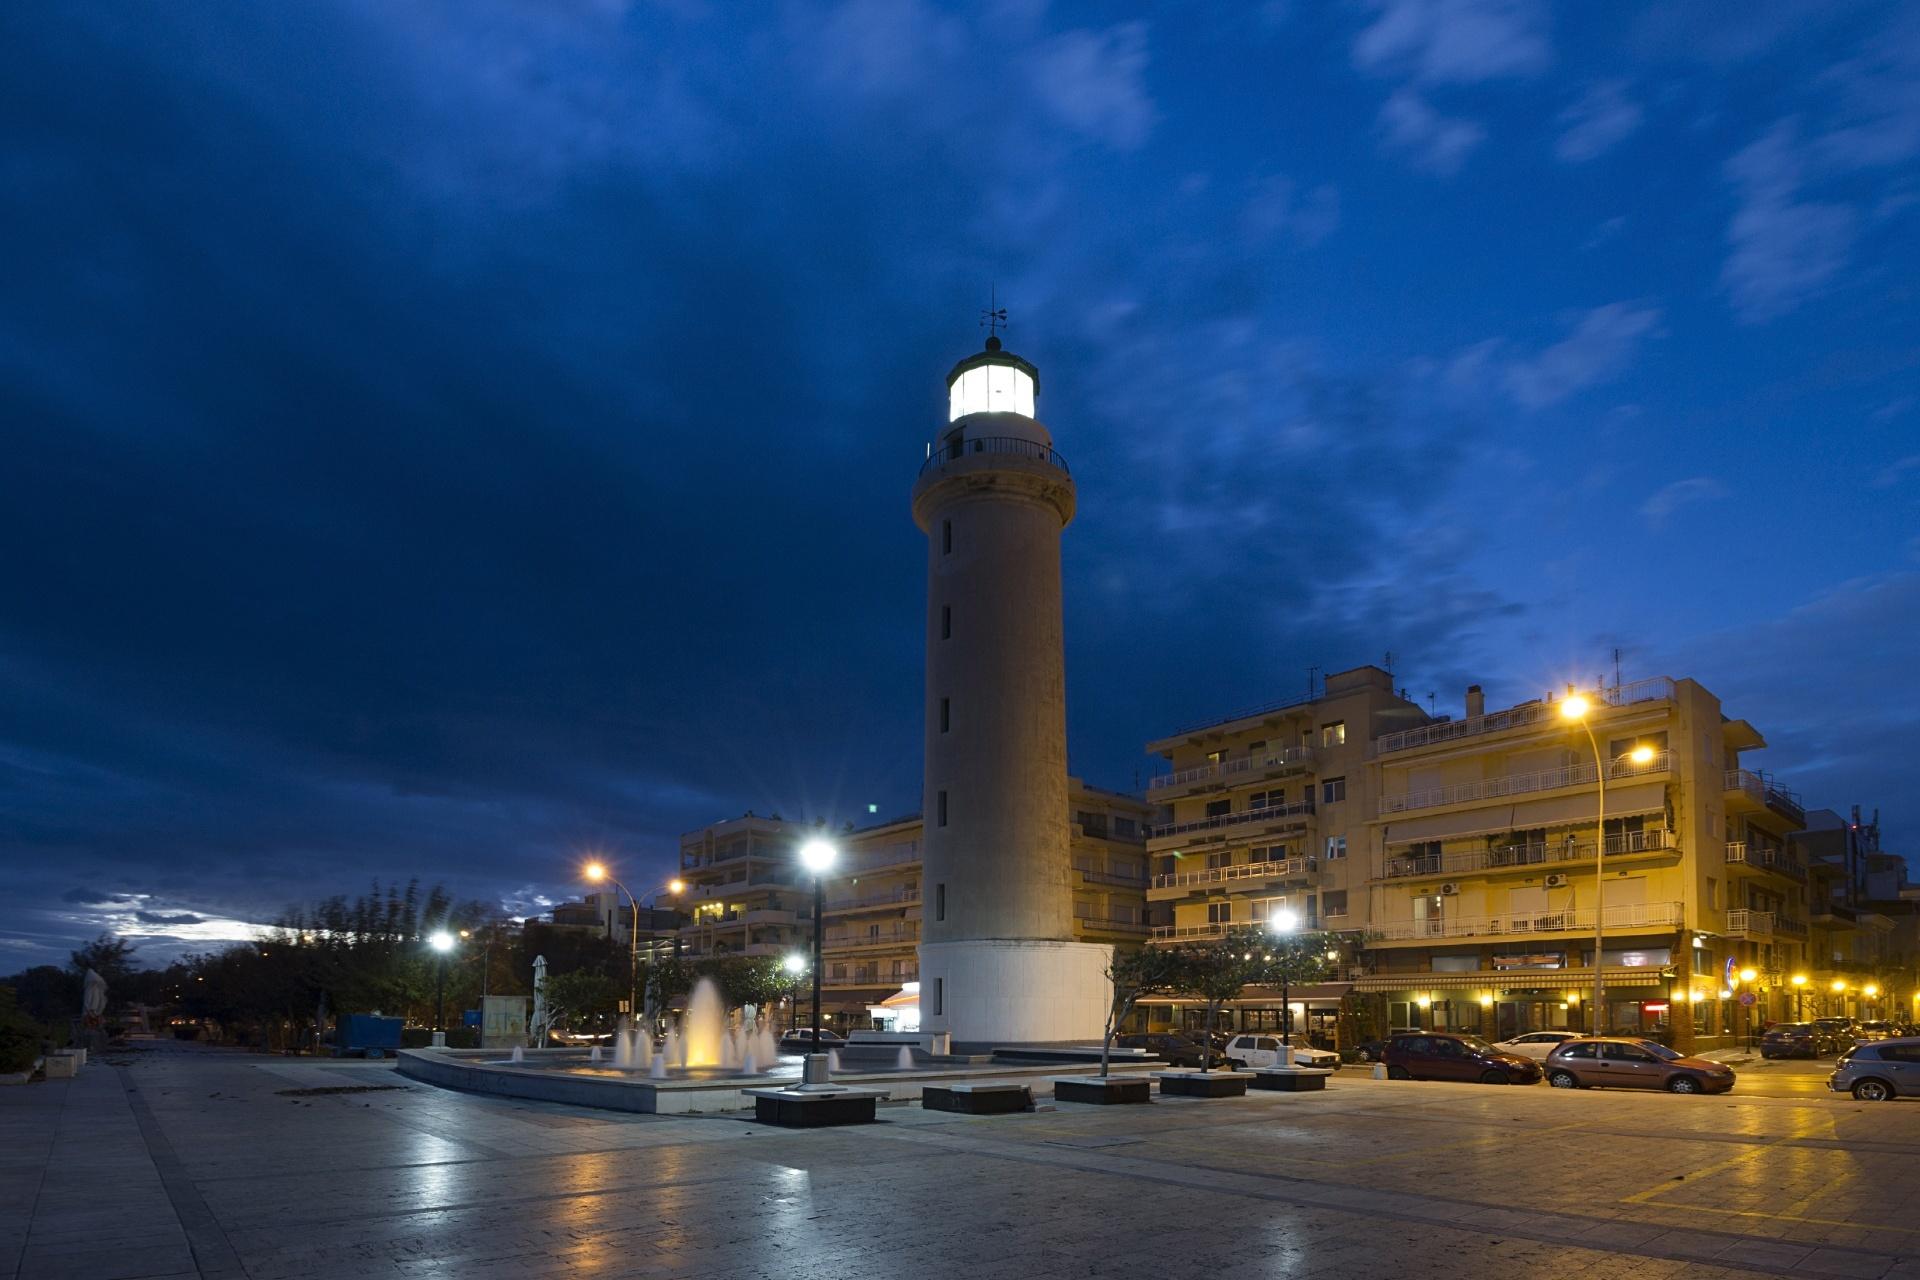 アレクサンドルーポリの灯台 ギリシャの風景